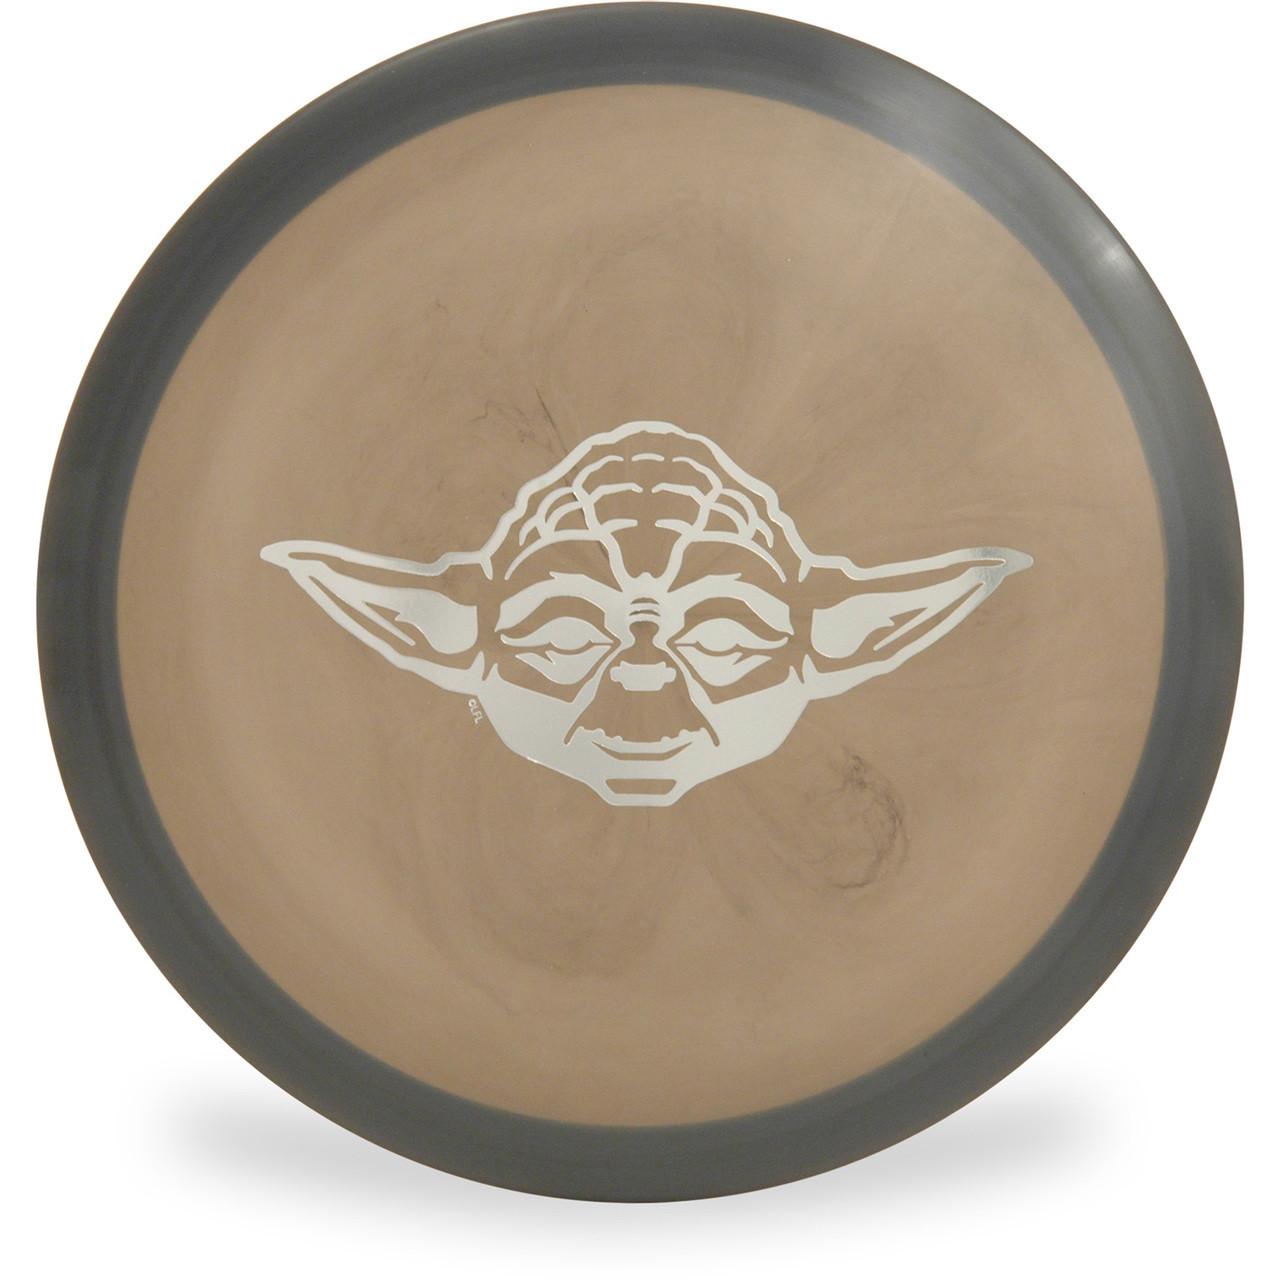 Yoda Discraft Elite Z Buzzz